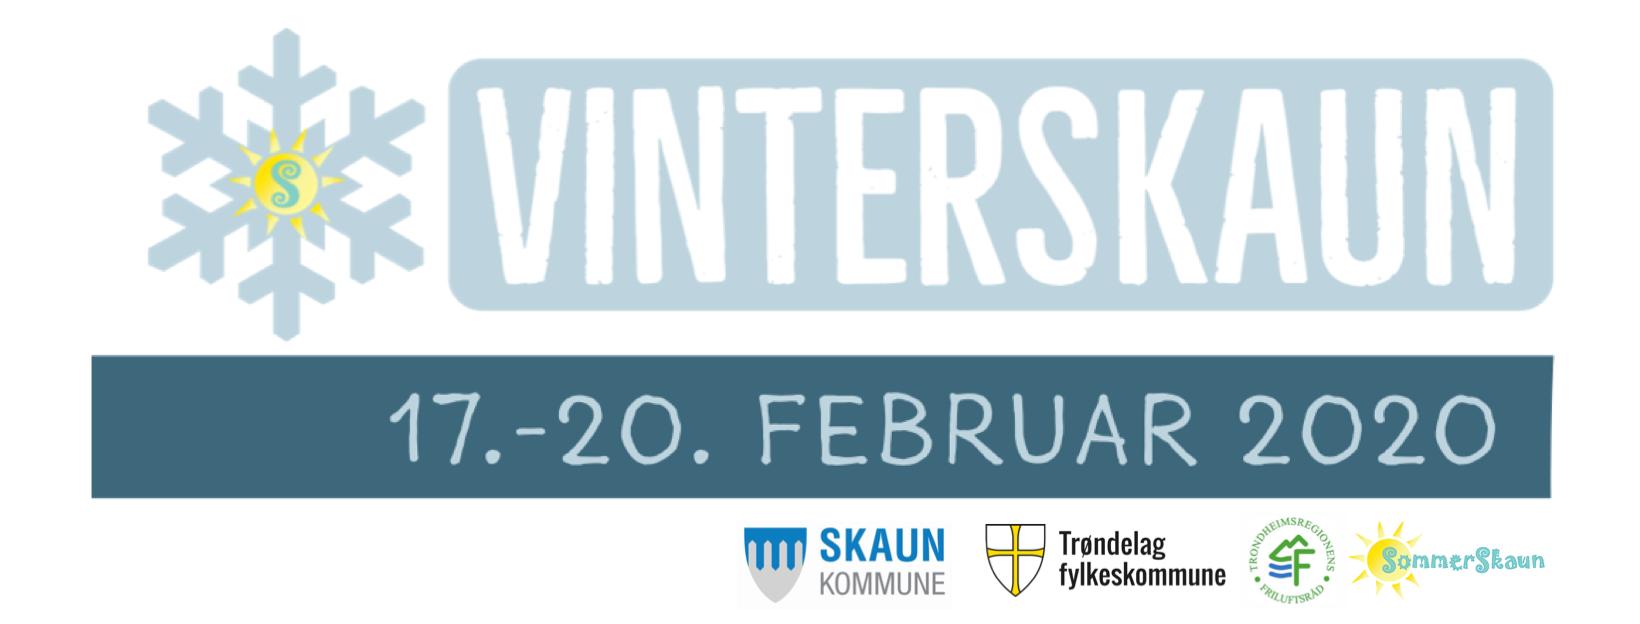 Vinterskaun logo redigert.png